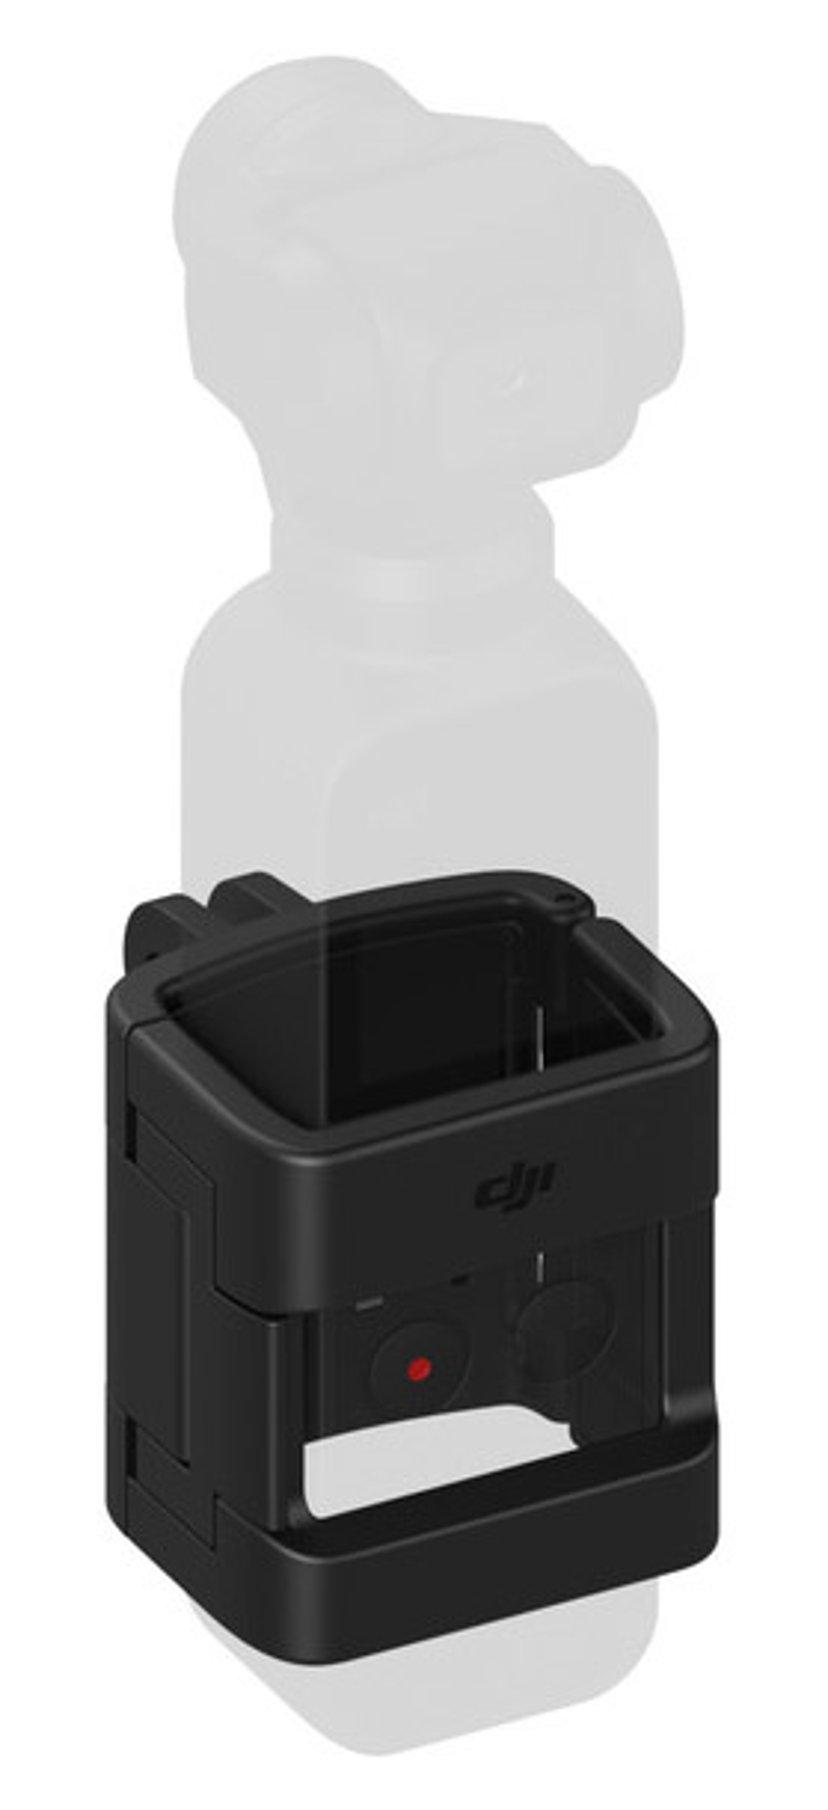 DJI Osmo Pocket Expansion Kit, Wheel+Wireless+Mount+32GB